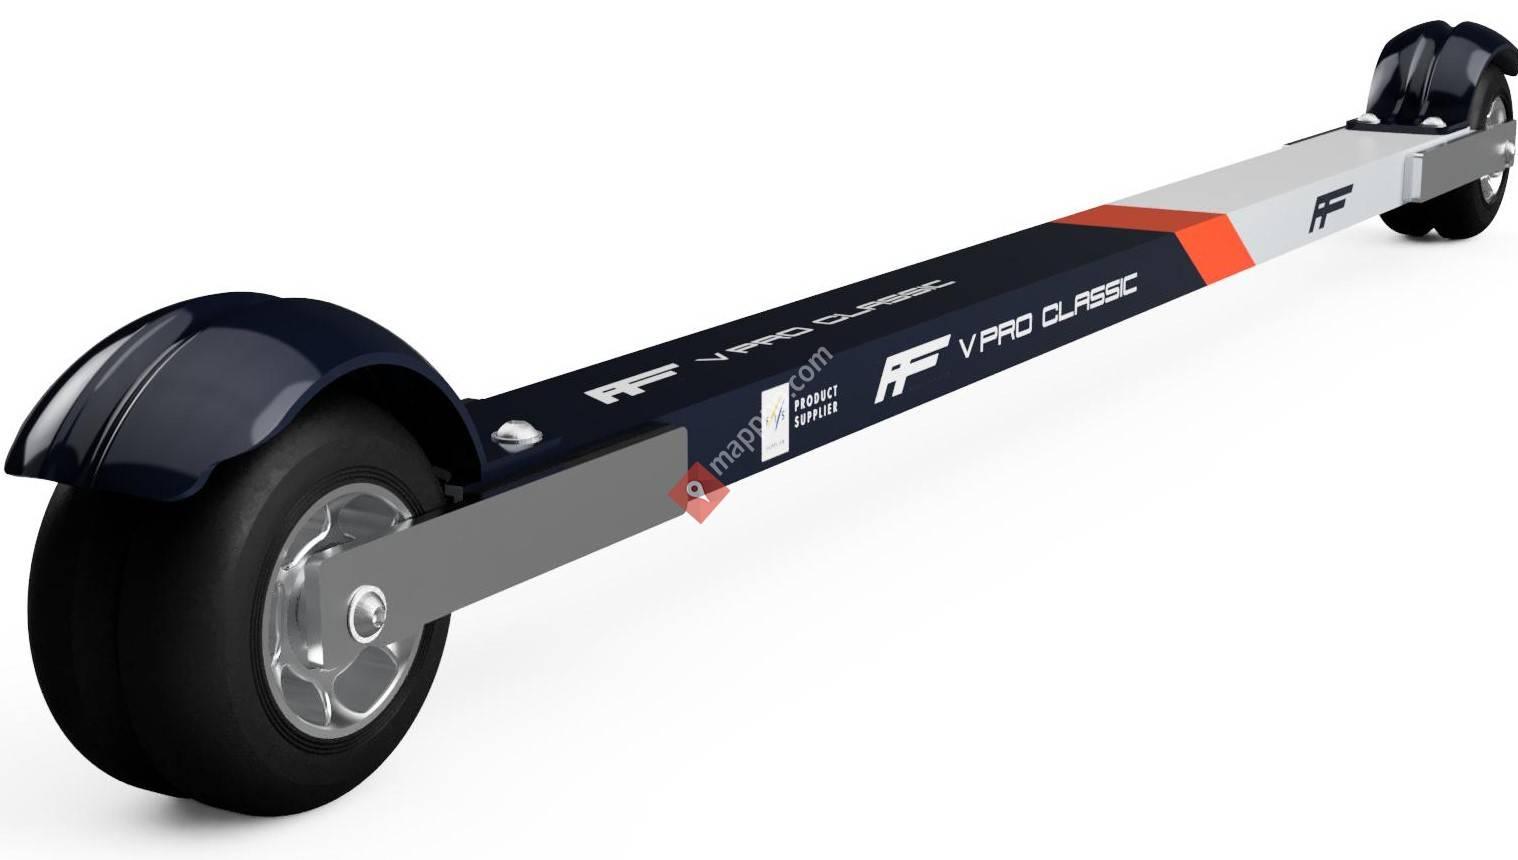 FF Rollerskis as